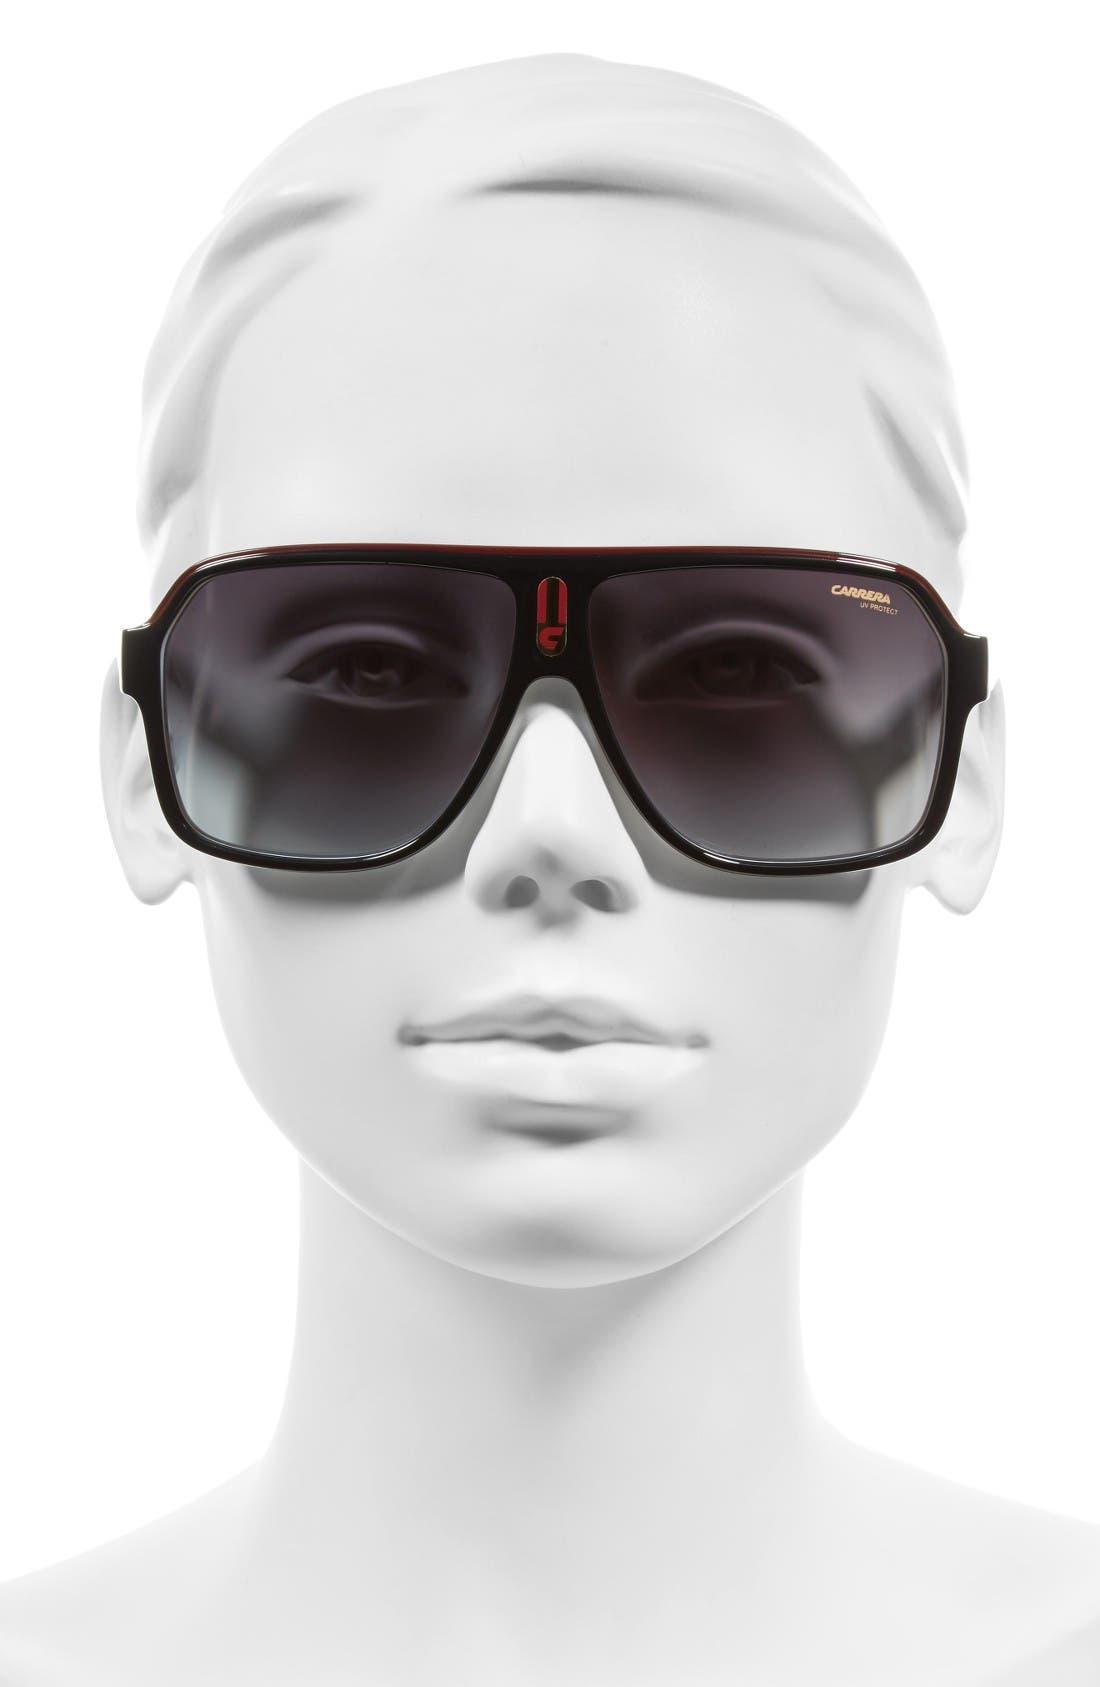 62mm Aviator Sunglasses,                             Alternate thumbnail 2, color,                             Black White